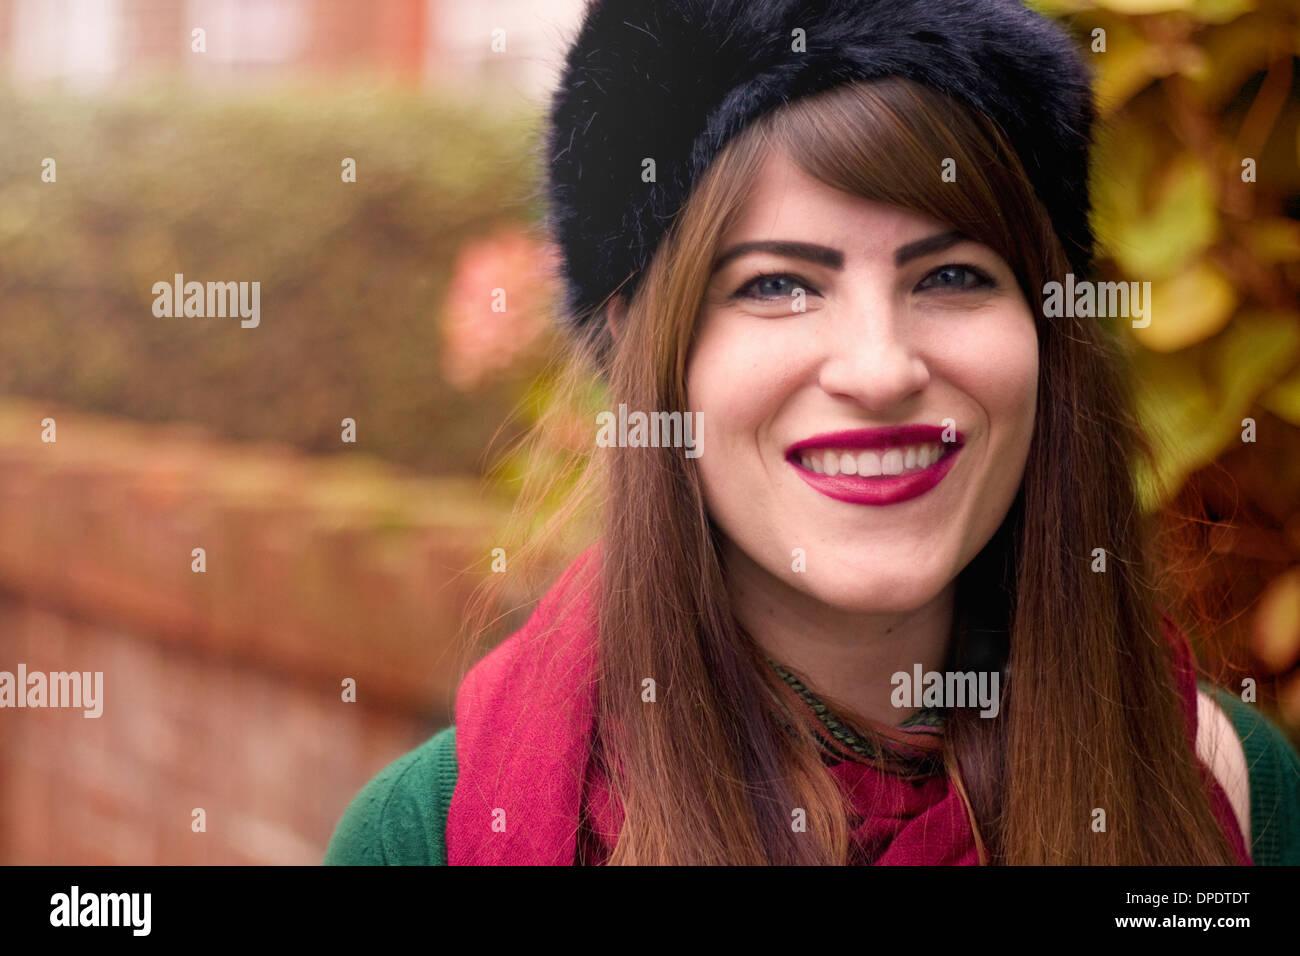 Ritratto di giovane donna che indossa abiti invernali Immagini Stock